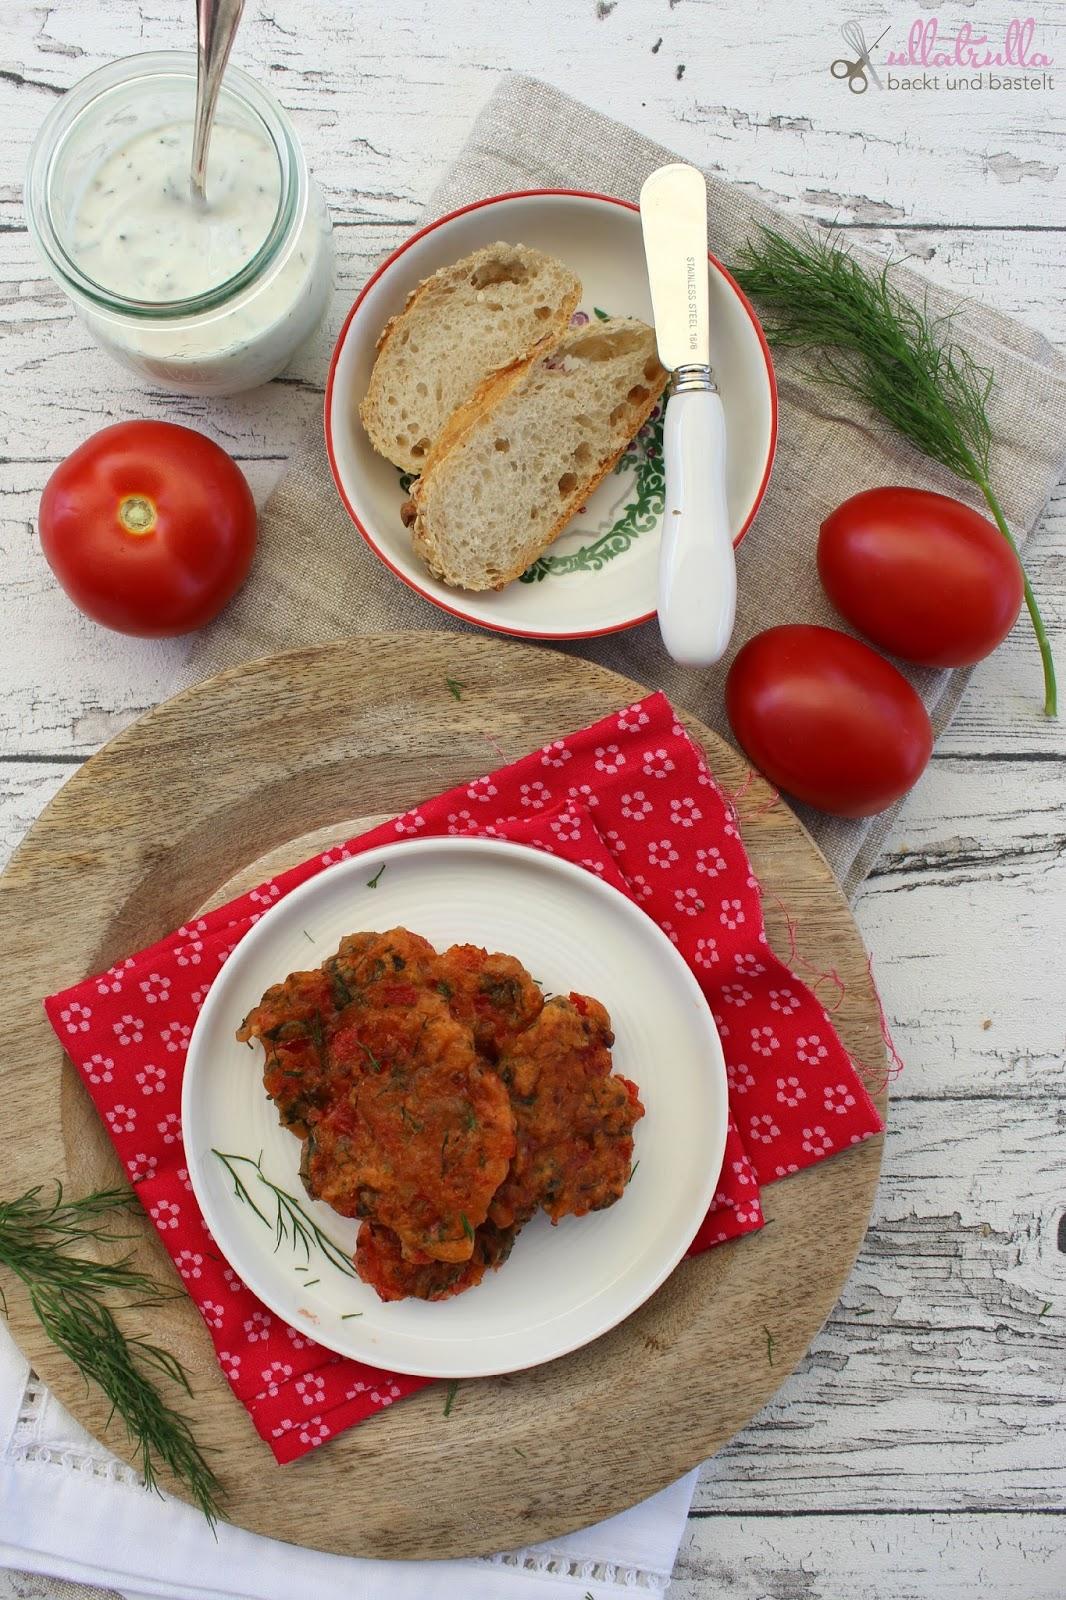 ullatrulla backt und bastelt tomatenfrikadellen mit kr uterquark schnell und lecker. Black Bedroom Furniture Sets. Home Design Ideas